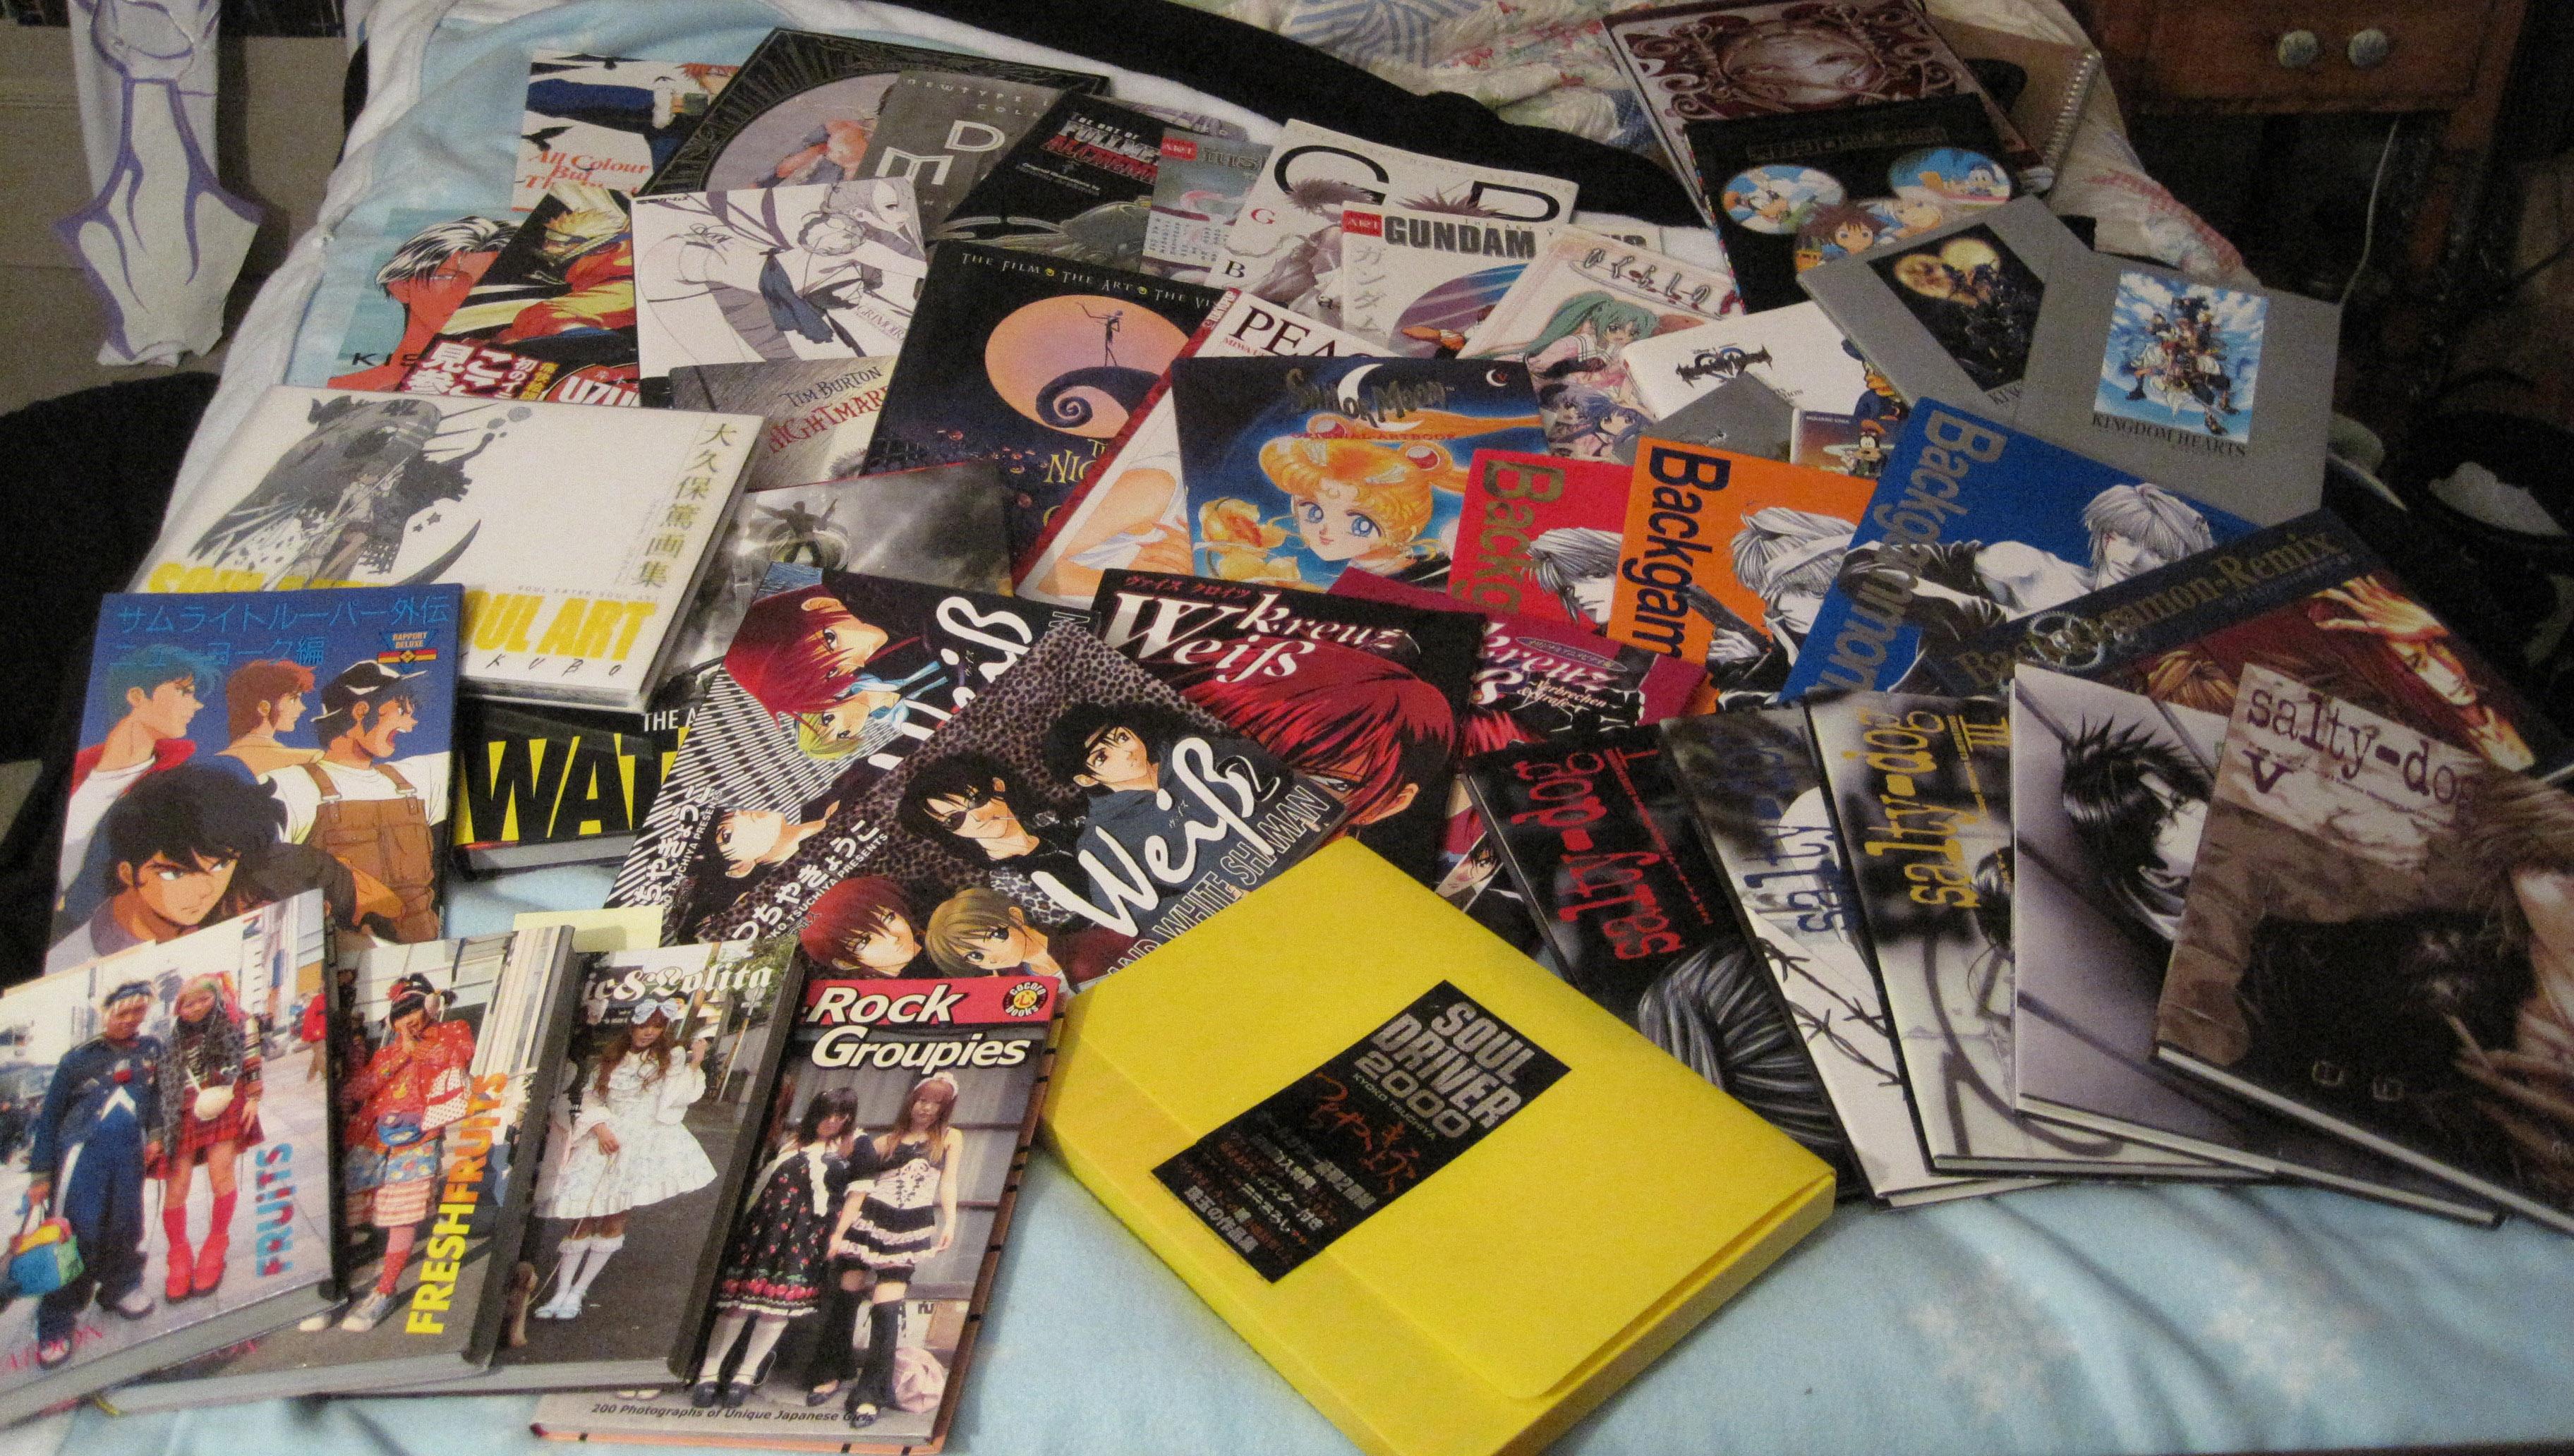 gainax square_enix kingdom_hearts bleach death_note artbook soul_eater naruto hagane_no_renkinjutsushi wild_adapter kingdom_hearts_ii higurashi_no_naku_koro_ni ascii_media_works shin_seiki_evangelion shueisha square digicube kadokawa nomura_tetsuya khara bishoujo_senshi_sailor_moon soft_cover gakken fushigi_no_umi_no_nadia sadamoto_yoshiyuki kodansha 07th_expansion ichijinsha takeuchi_naoko amano_shiro shin_kidou_senki_gundam_wing gensou_maden_saiyuki arakawa_hiromu hikaru_no_go fushigi_yuugi kubo_tite shogakukan the_walt_disney_company higurashi_no_naku_koro_ni_kai biblos watase_yuu obata_takeshi kishimoto_masashi viz_media_llc studio_dna yoshitsune-ki minekura_kazuya saiyuki_gaiden nier_replicant nier_gestalt saiyuki_reload ookubo_atsushi bus_gamer weiß_kreuz kingdom_hearts_final_mix hachi_no_su getbackers_-dakkanya- ayamine_rando haru_wo_daite_ita ouritsu_uchuugun:_oneamisu_no_tsubasa hard_cover